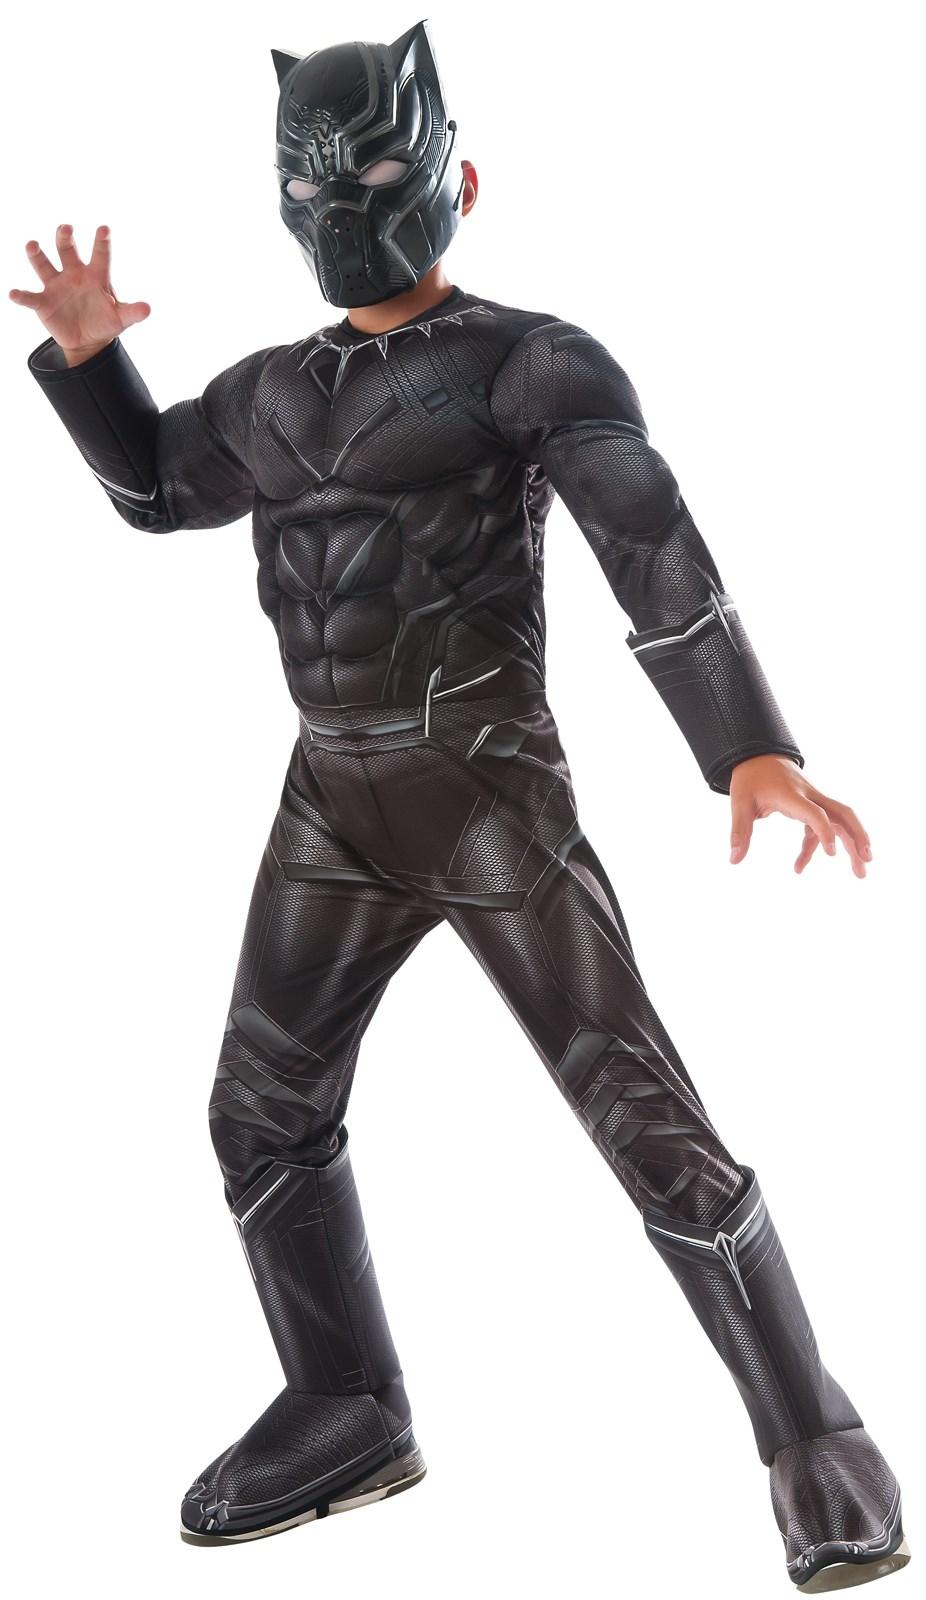 Marvels Captain America Civil War Kids Black Panther